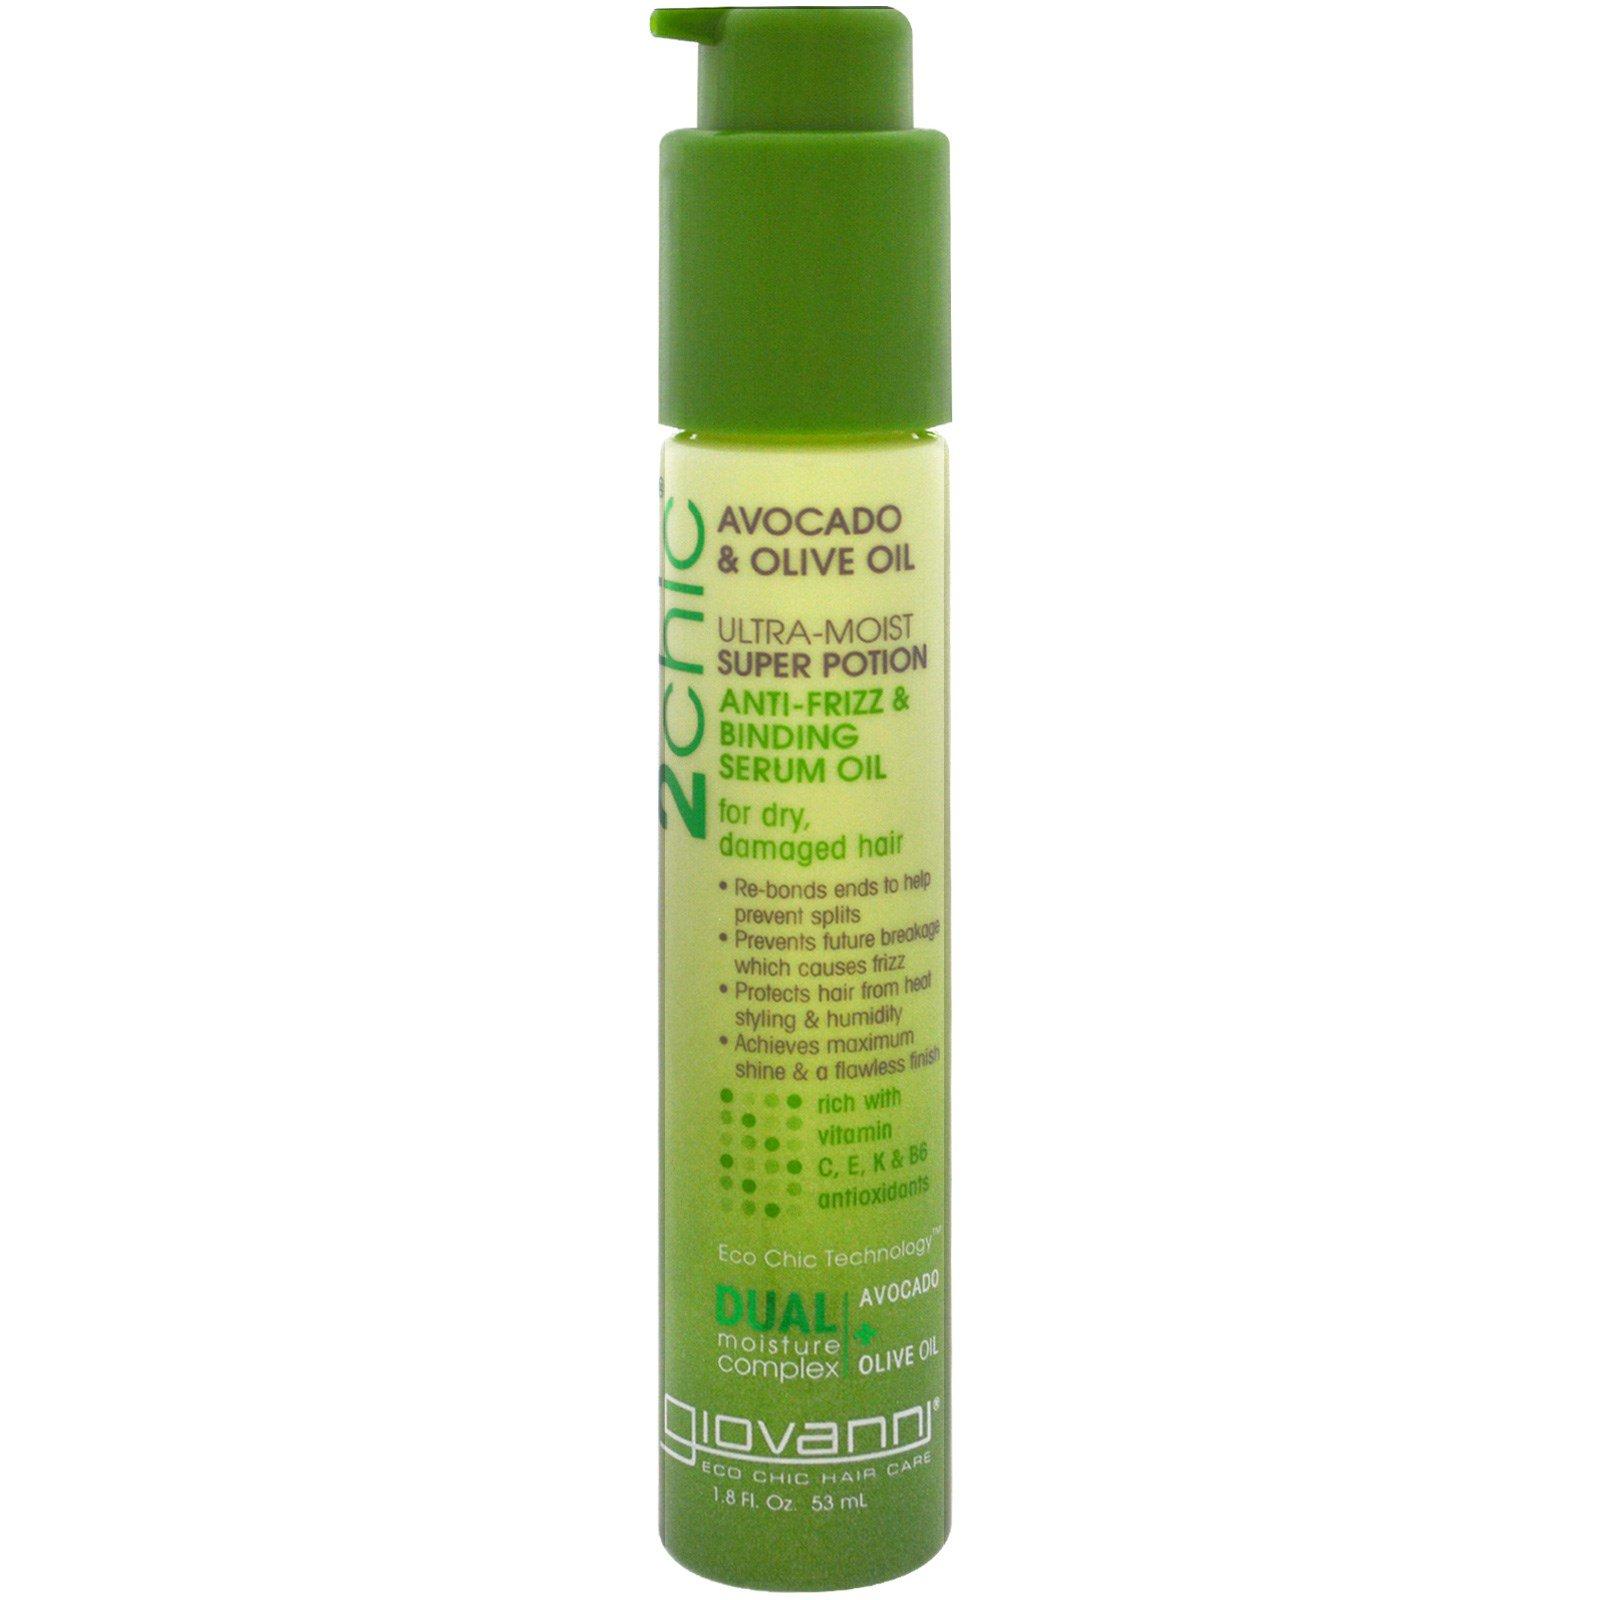 Giovanni, 2chic, увлажняющая сыворотка против завивания и спутывания волос, масла авокадо и оливы, 1.8 унций (53 мл)